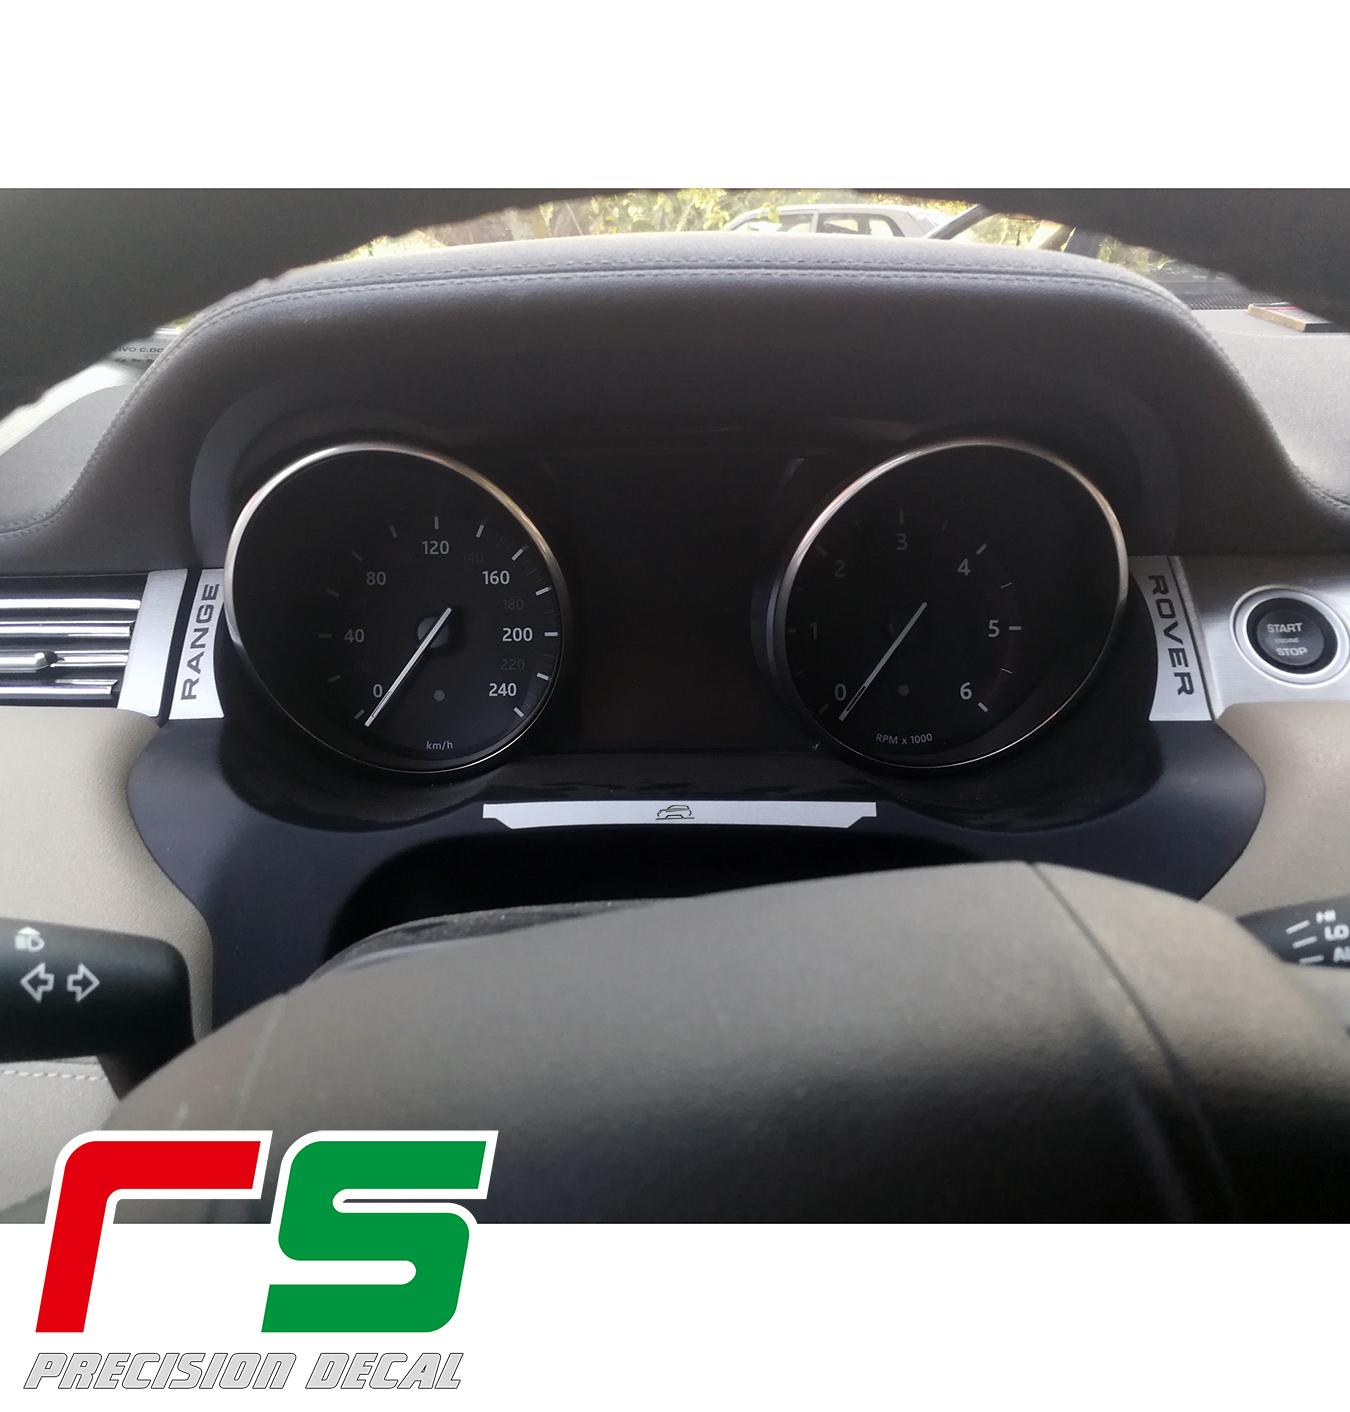 Autocollants décalque Range Rover Evoque, inserts de tableau de bord